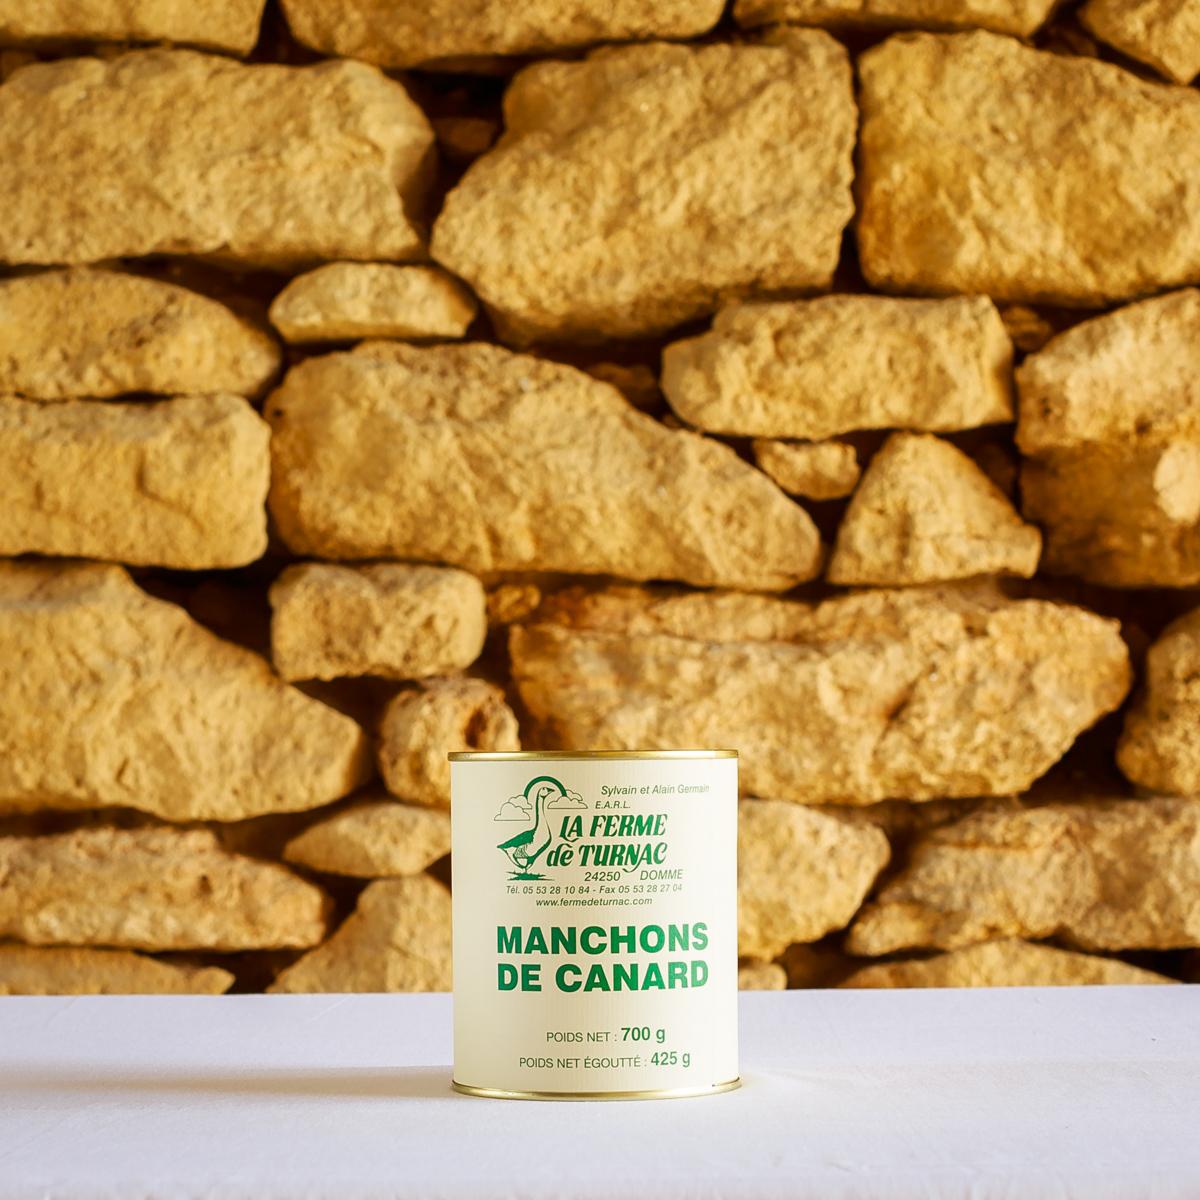 LA FERME DE TURNAC FOIE GRAS DORDOGNE Confit Manchons CanardG.jpg 375